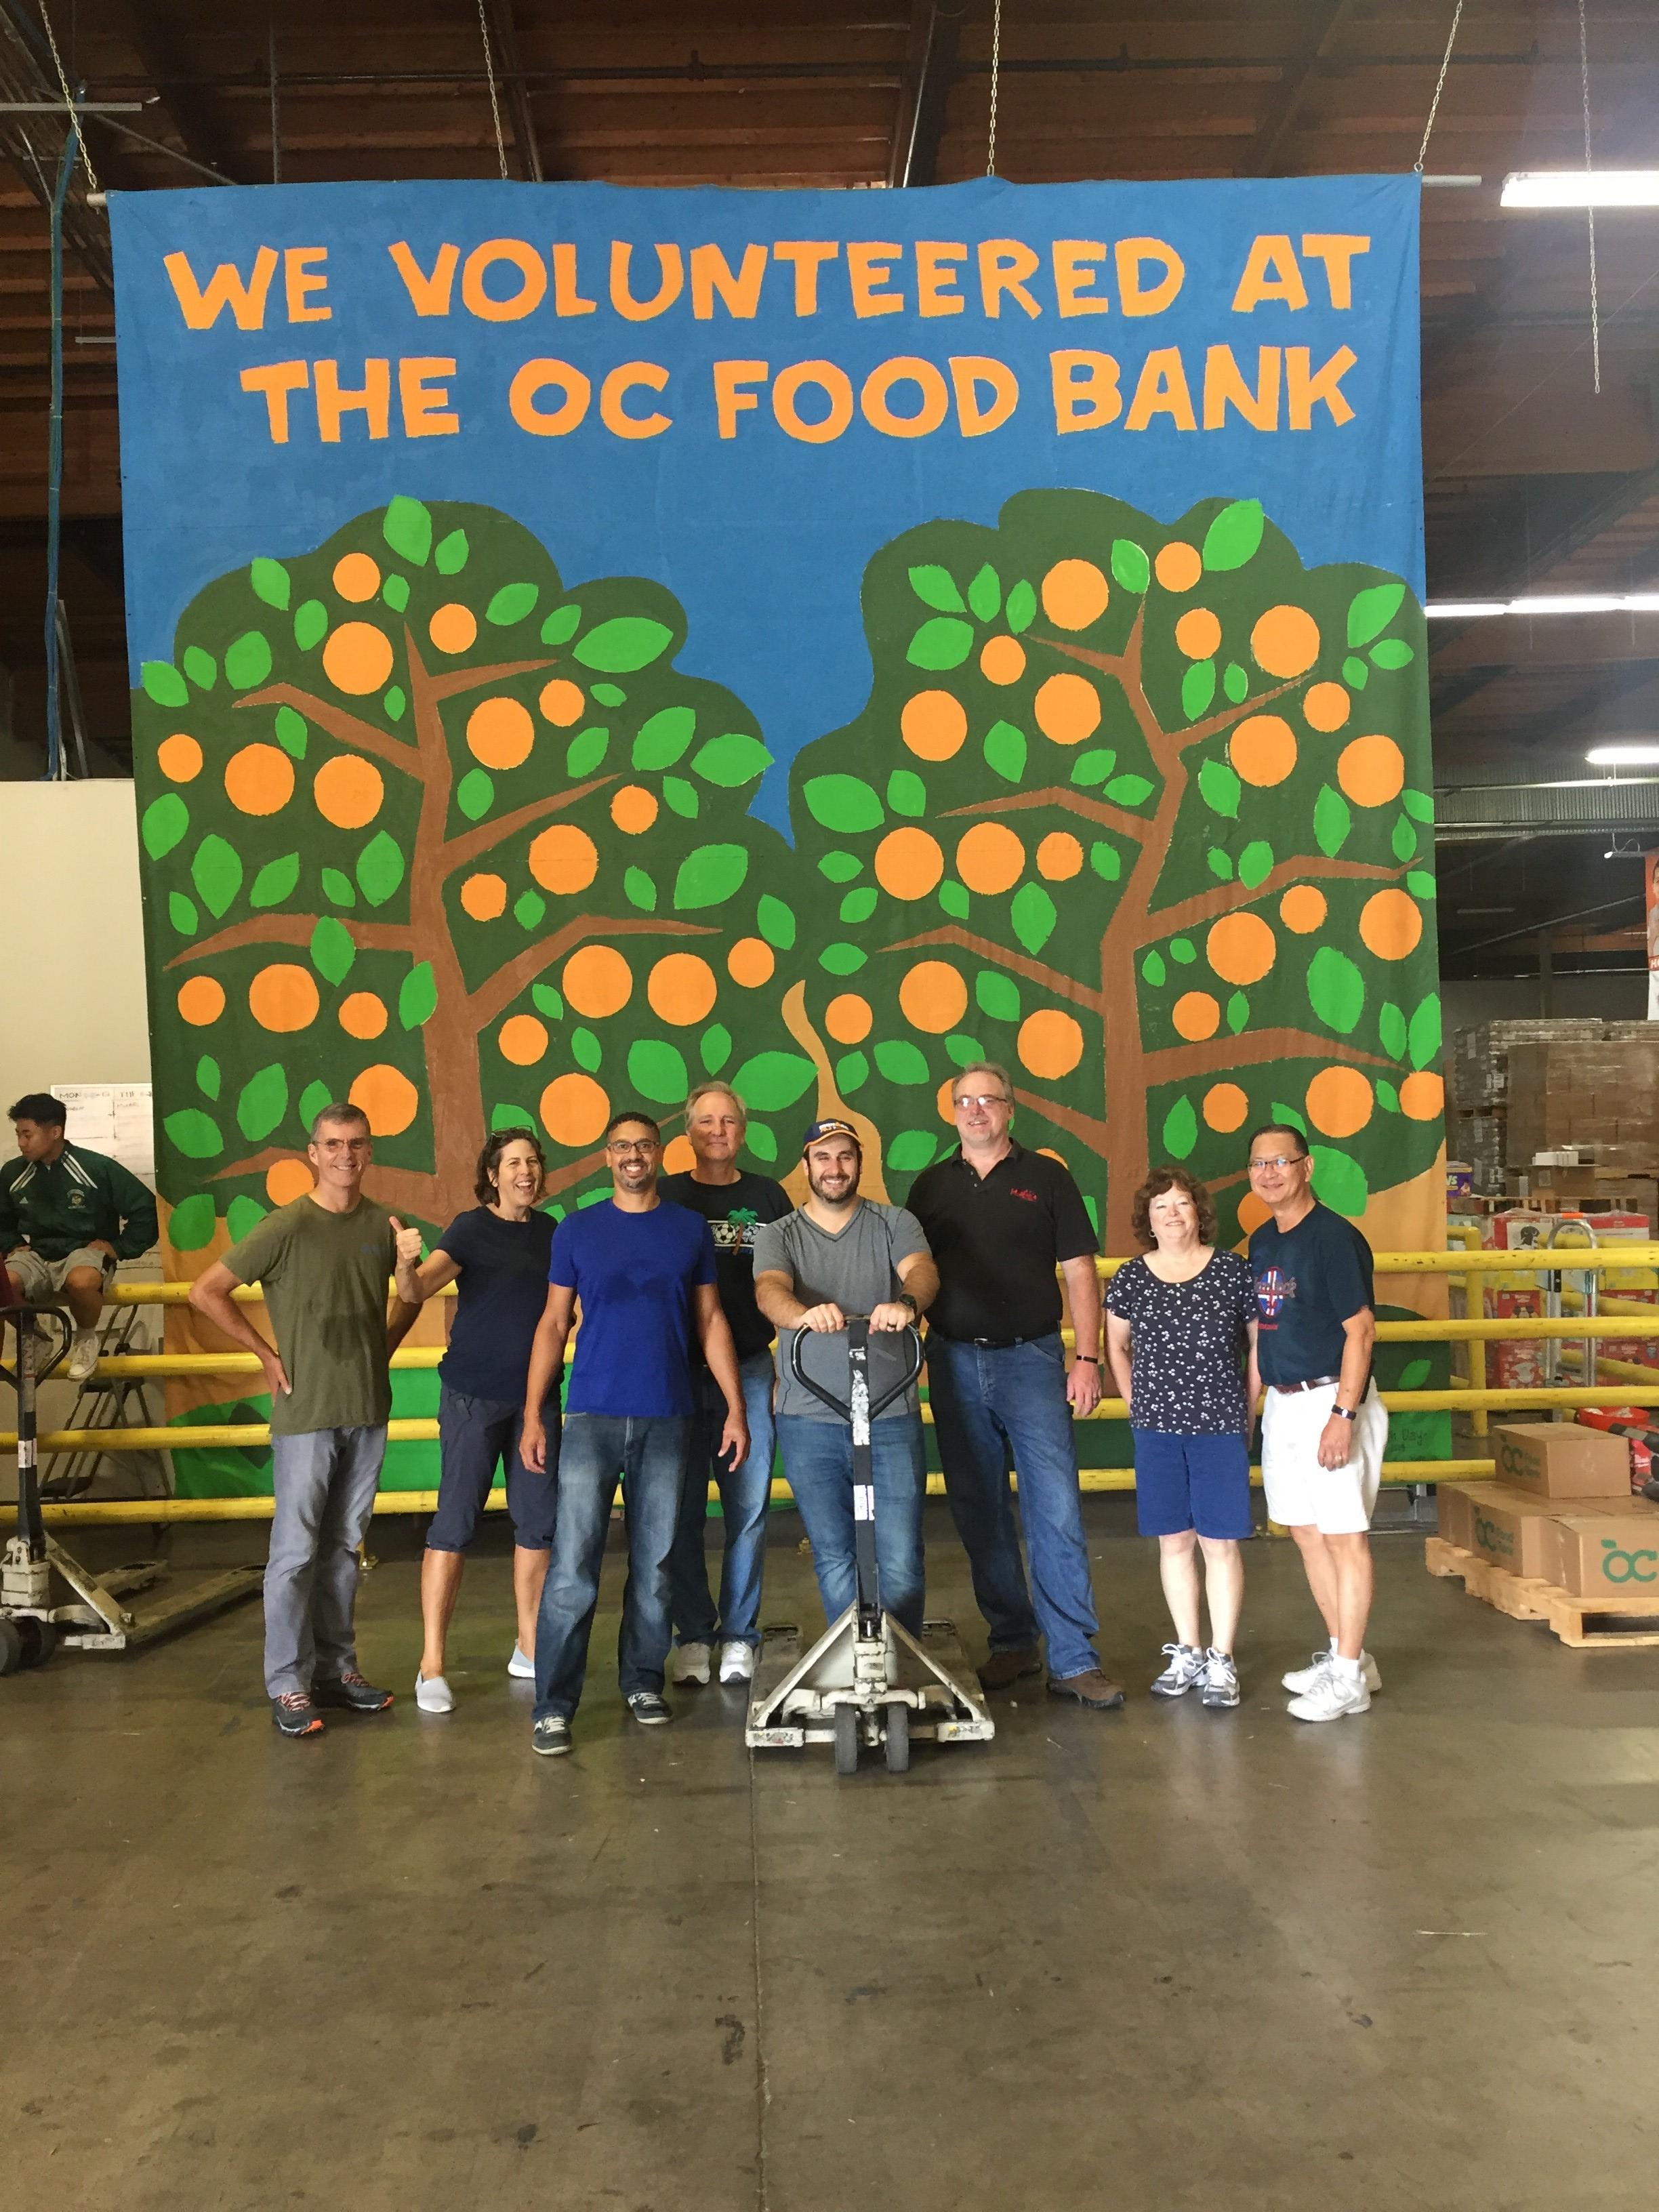 oc food bank volunteers.jpg